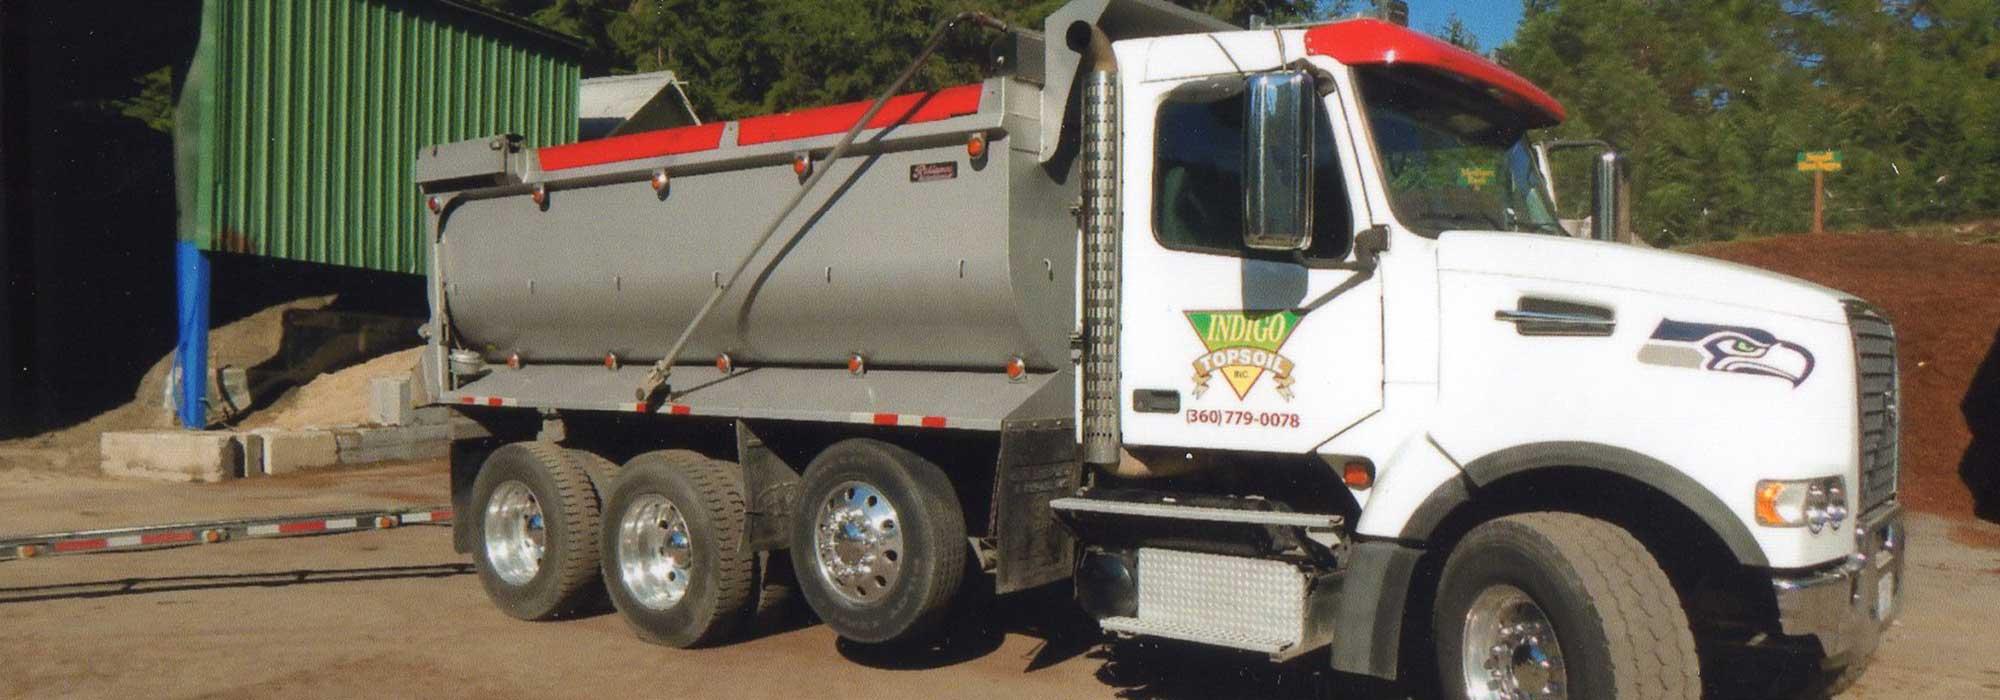 Indigo Topsoil Truck 2